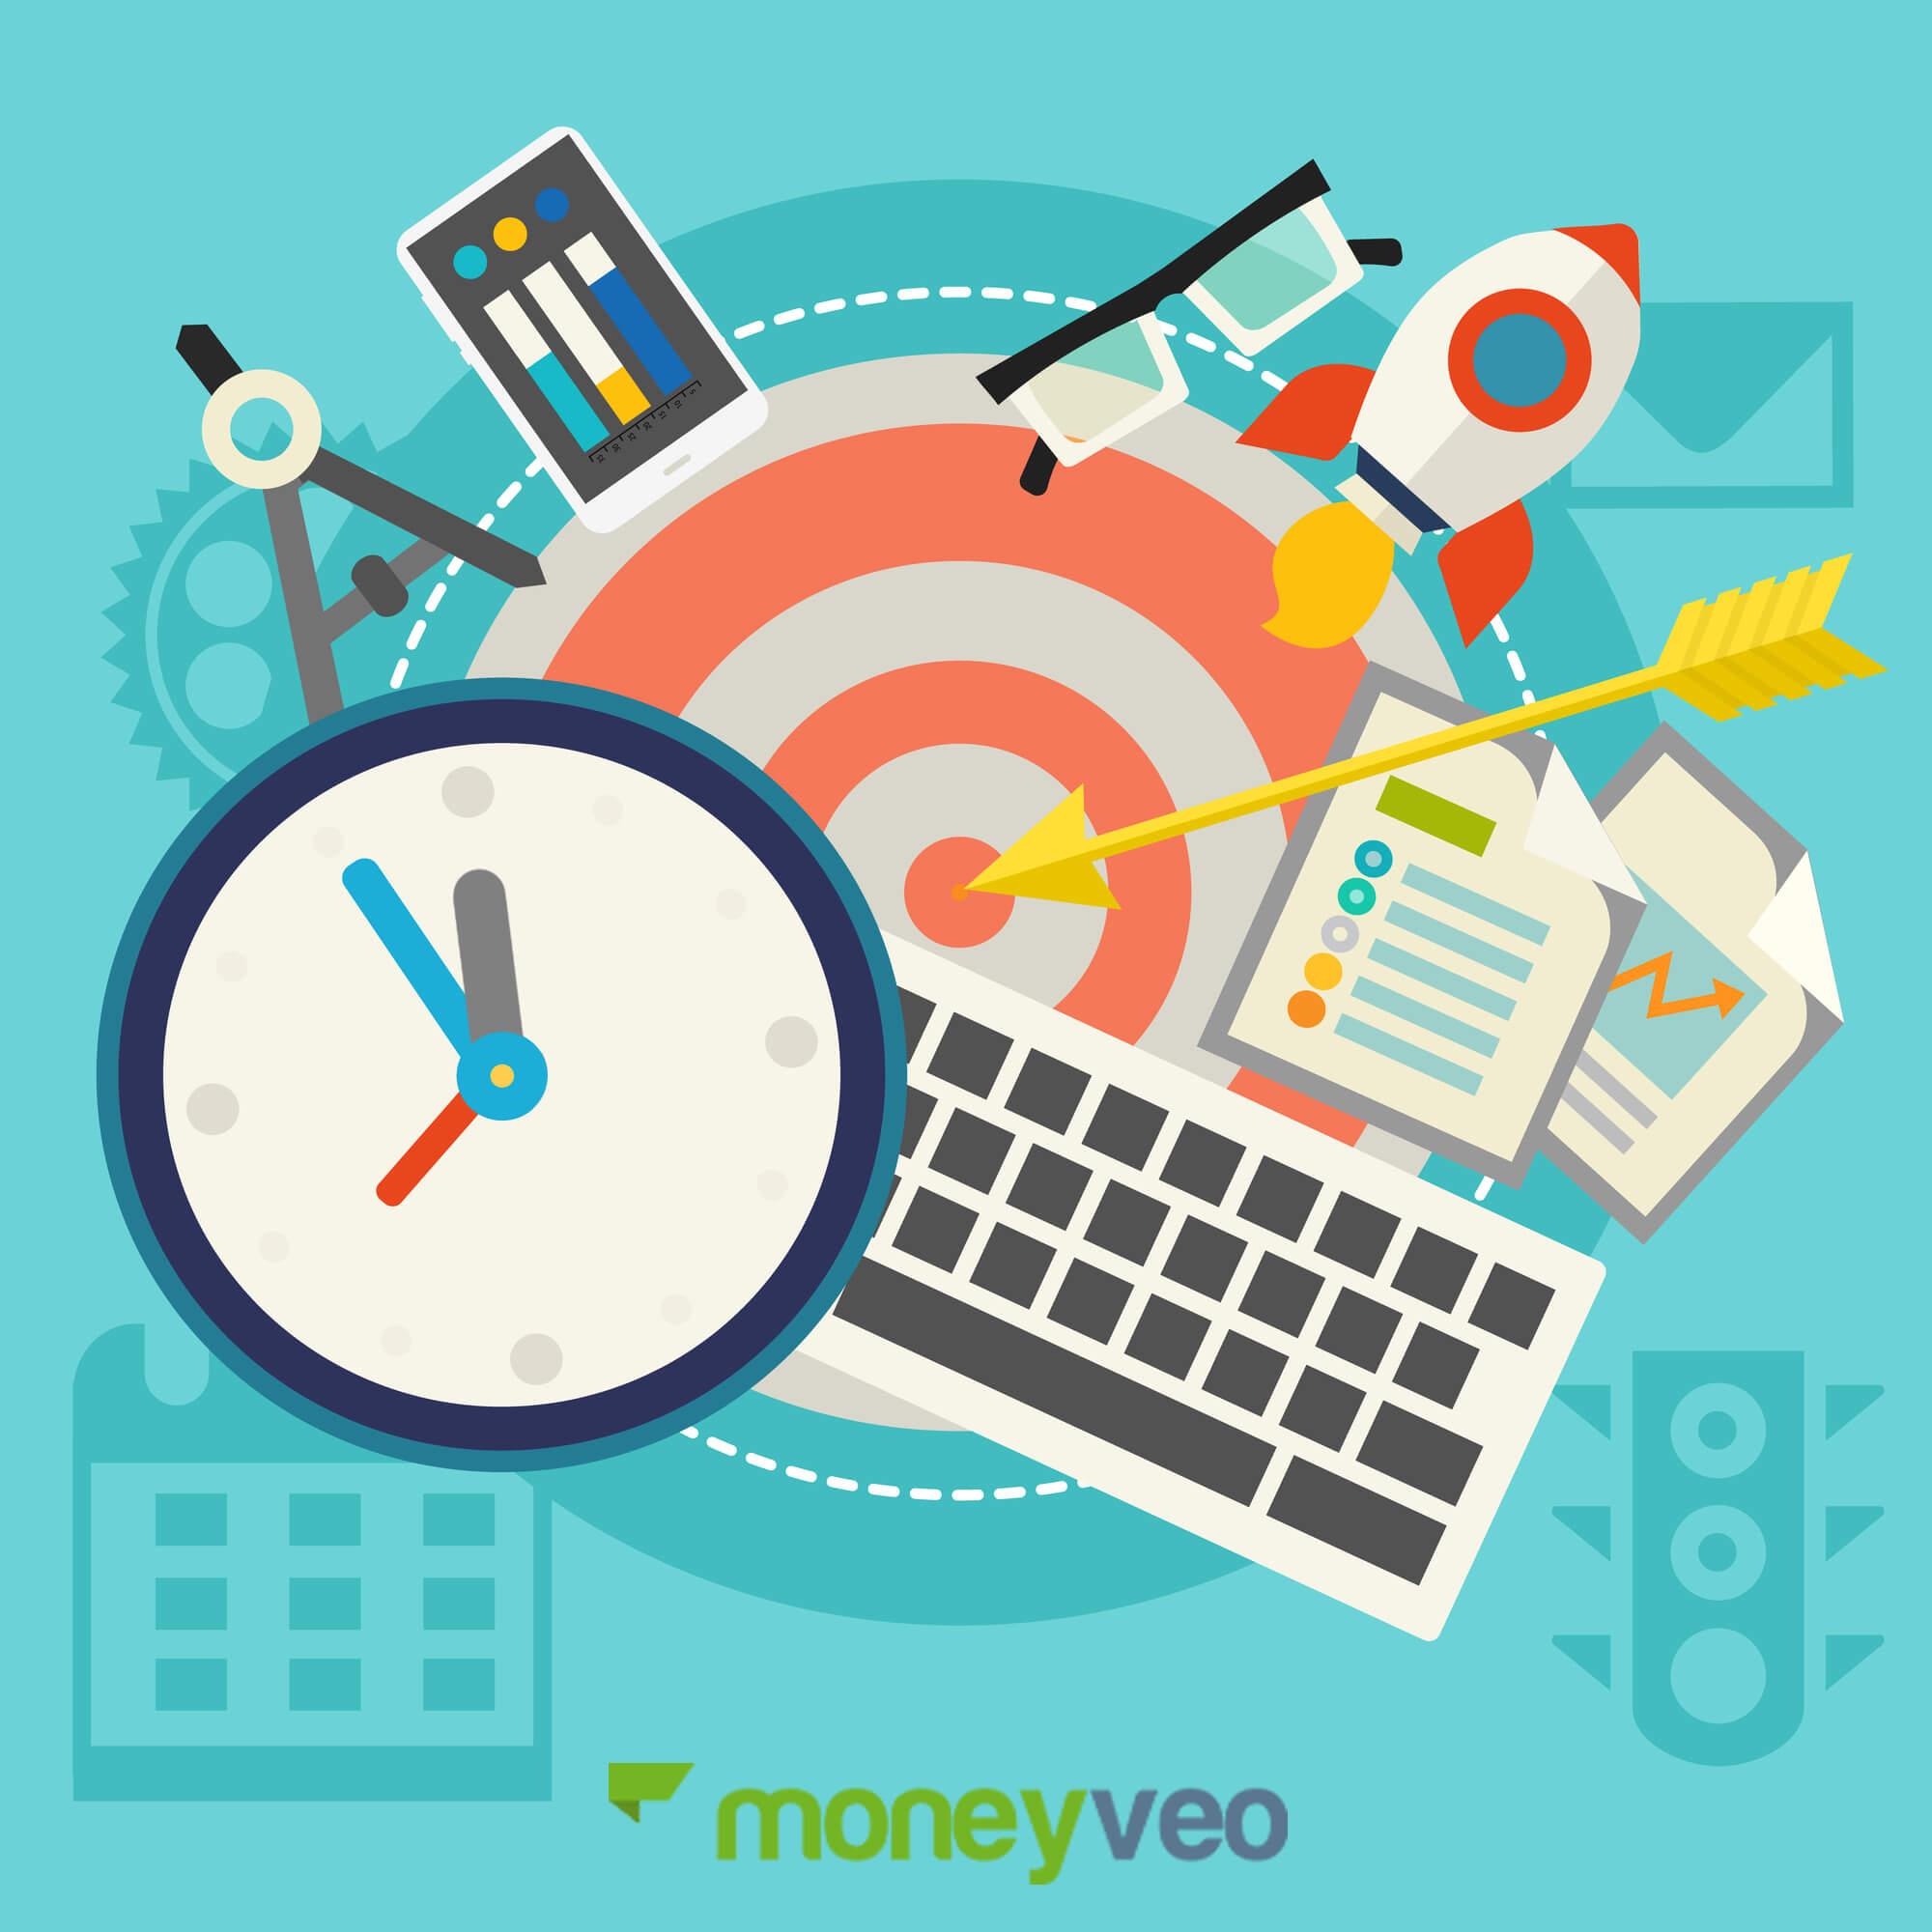 Возможен ли быстрый кредит на лояльных условиях в Украине? Почему нужно читать отзывы о moneyveo?